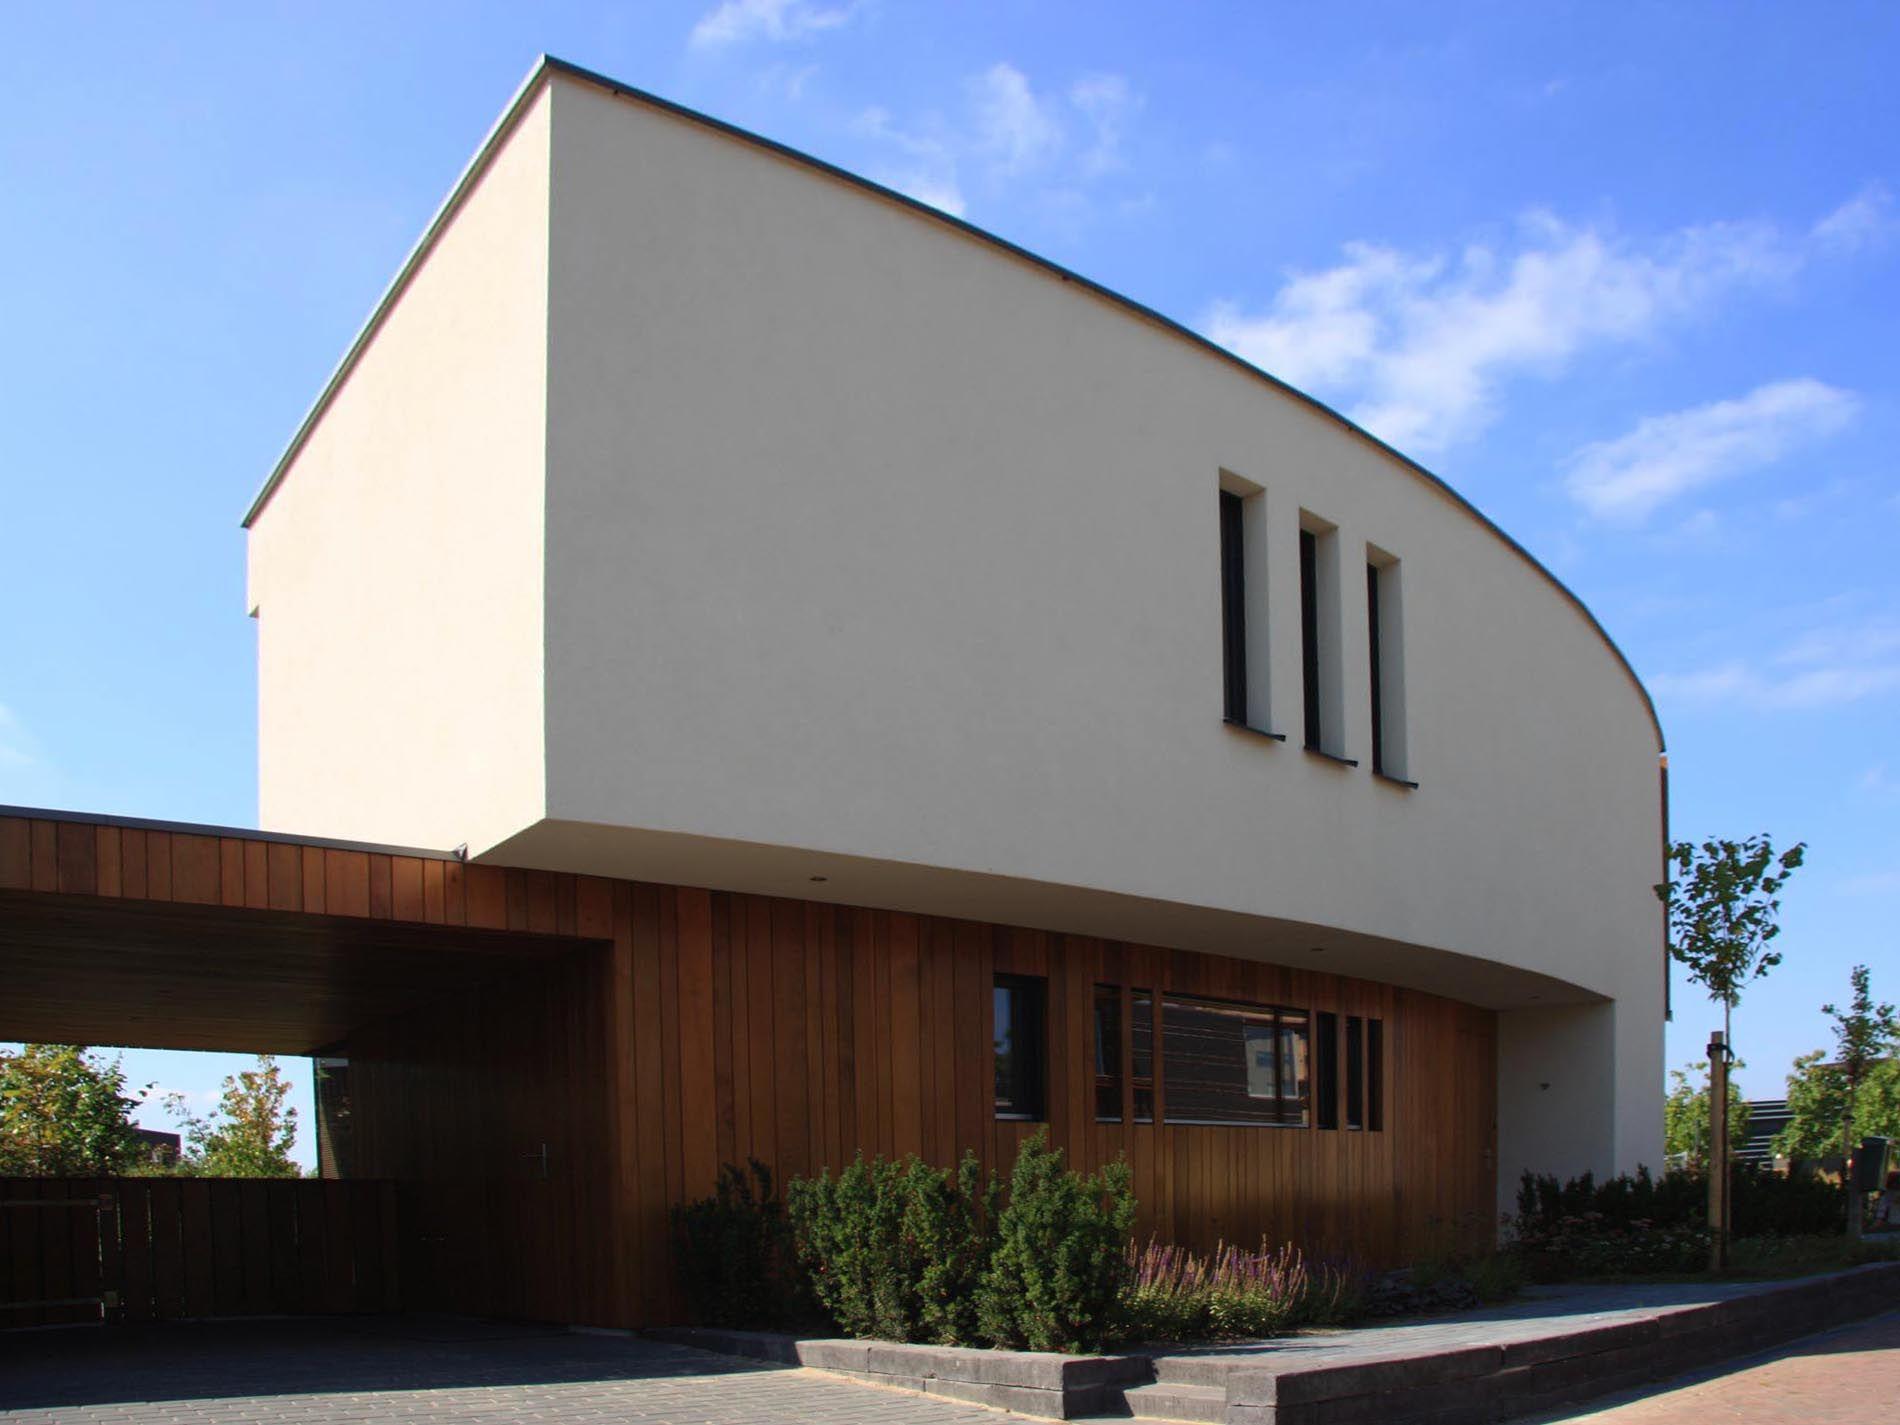 Maas architecten woonhuis enschede stucwerk modern villa